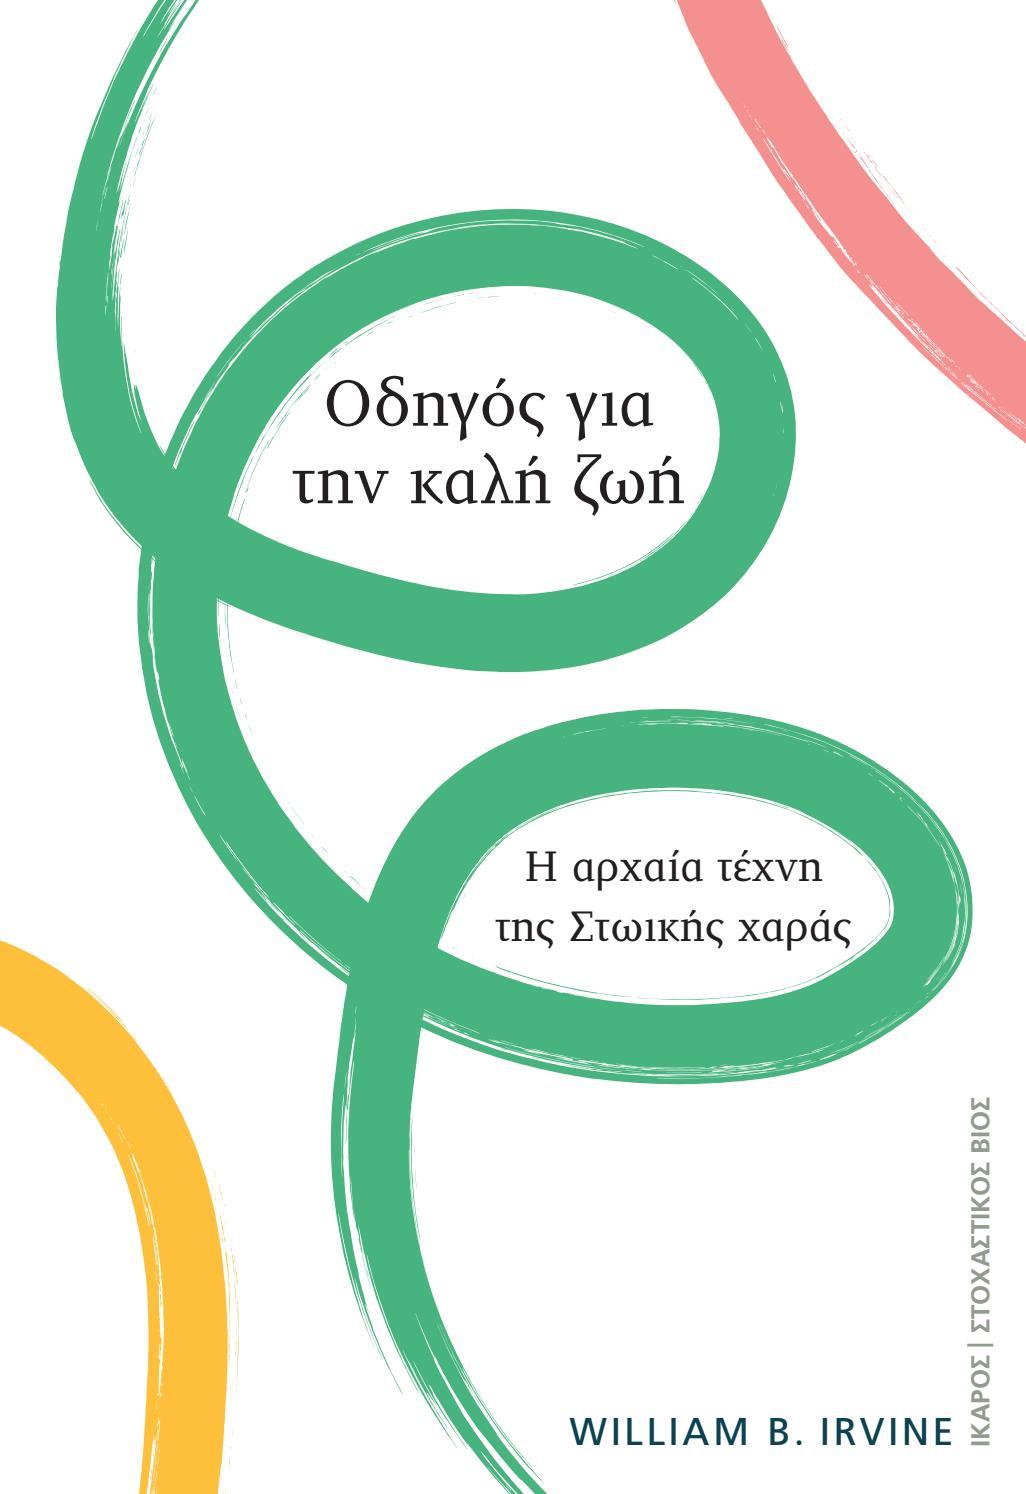 oi-meres-enos-stoikoy-stin-karantina1